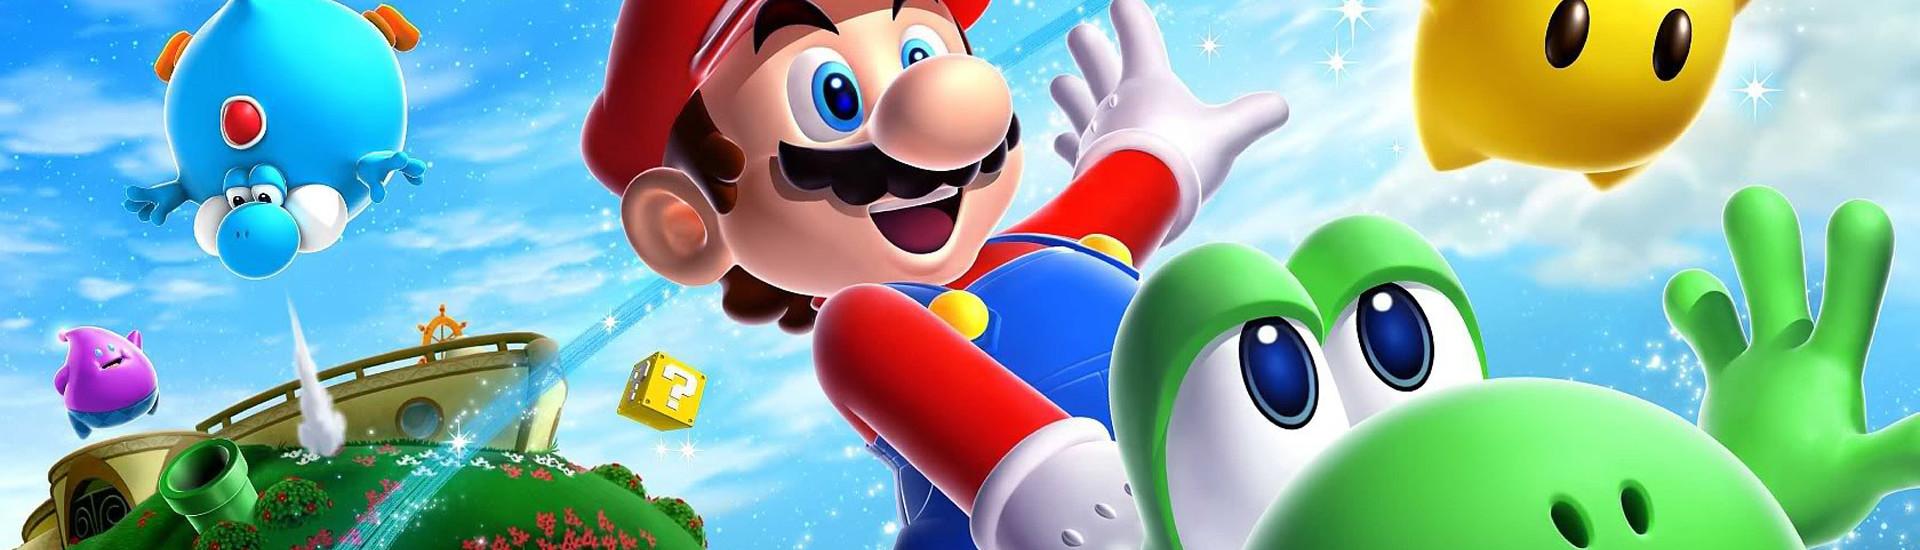 €189 για το Nintendo New 3DS XL